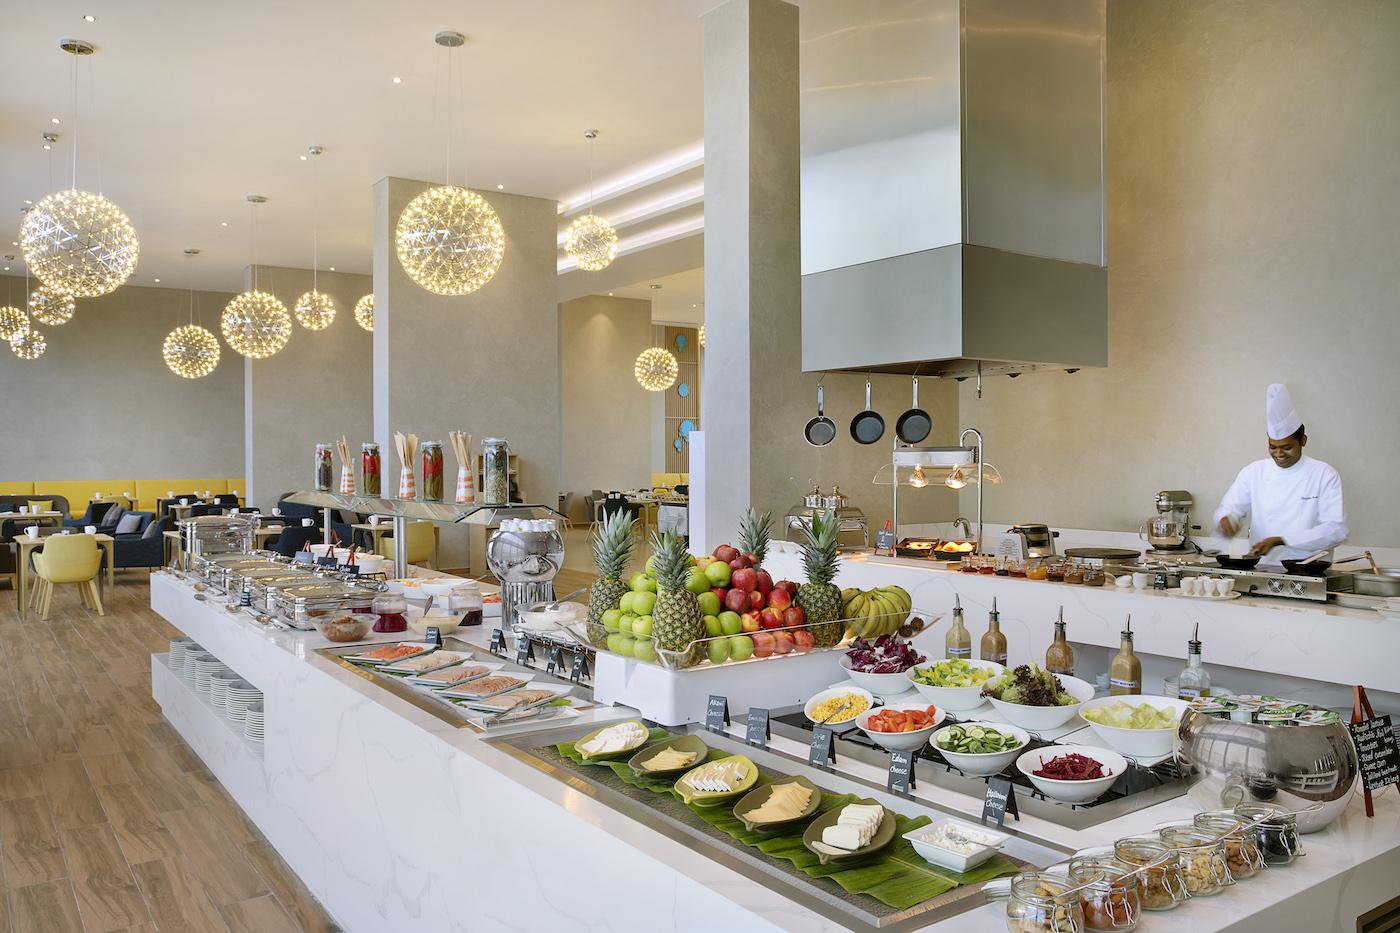 Avani Ibn Battuta Dubai restaurant